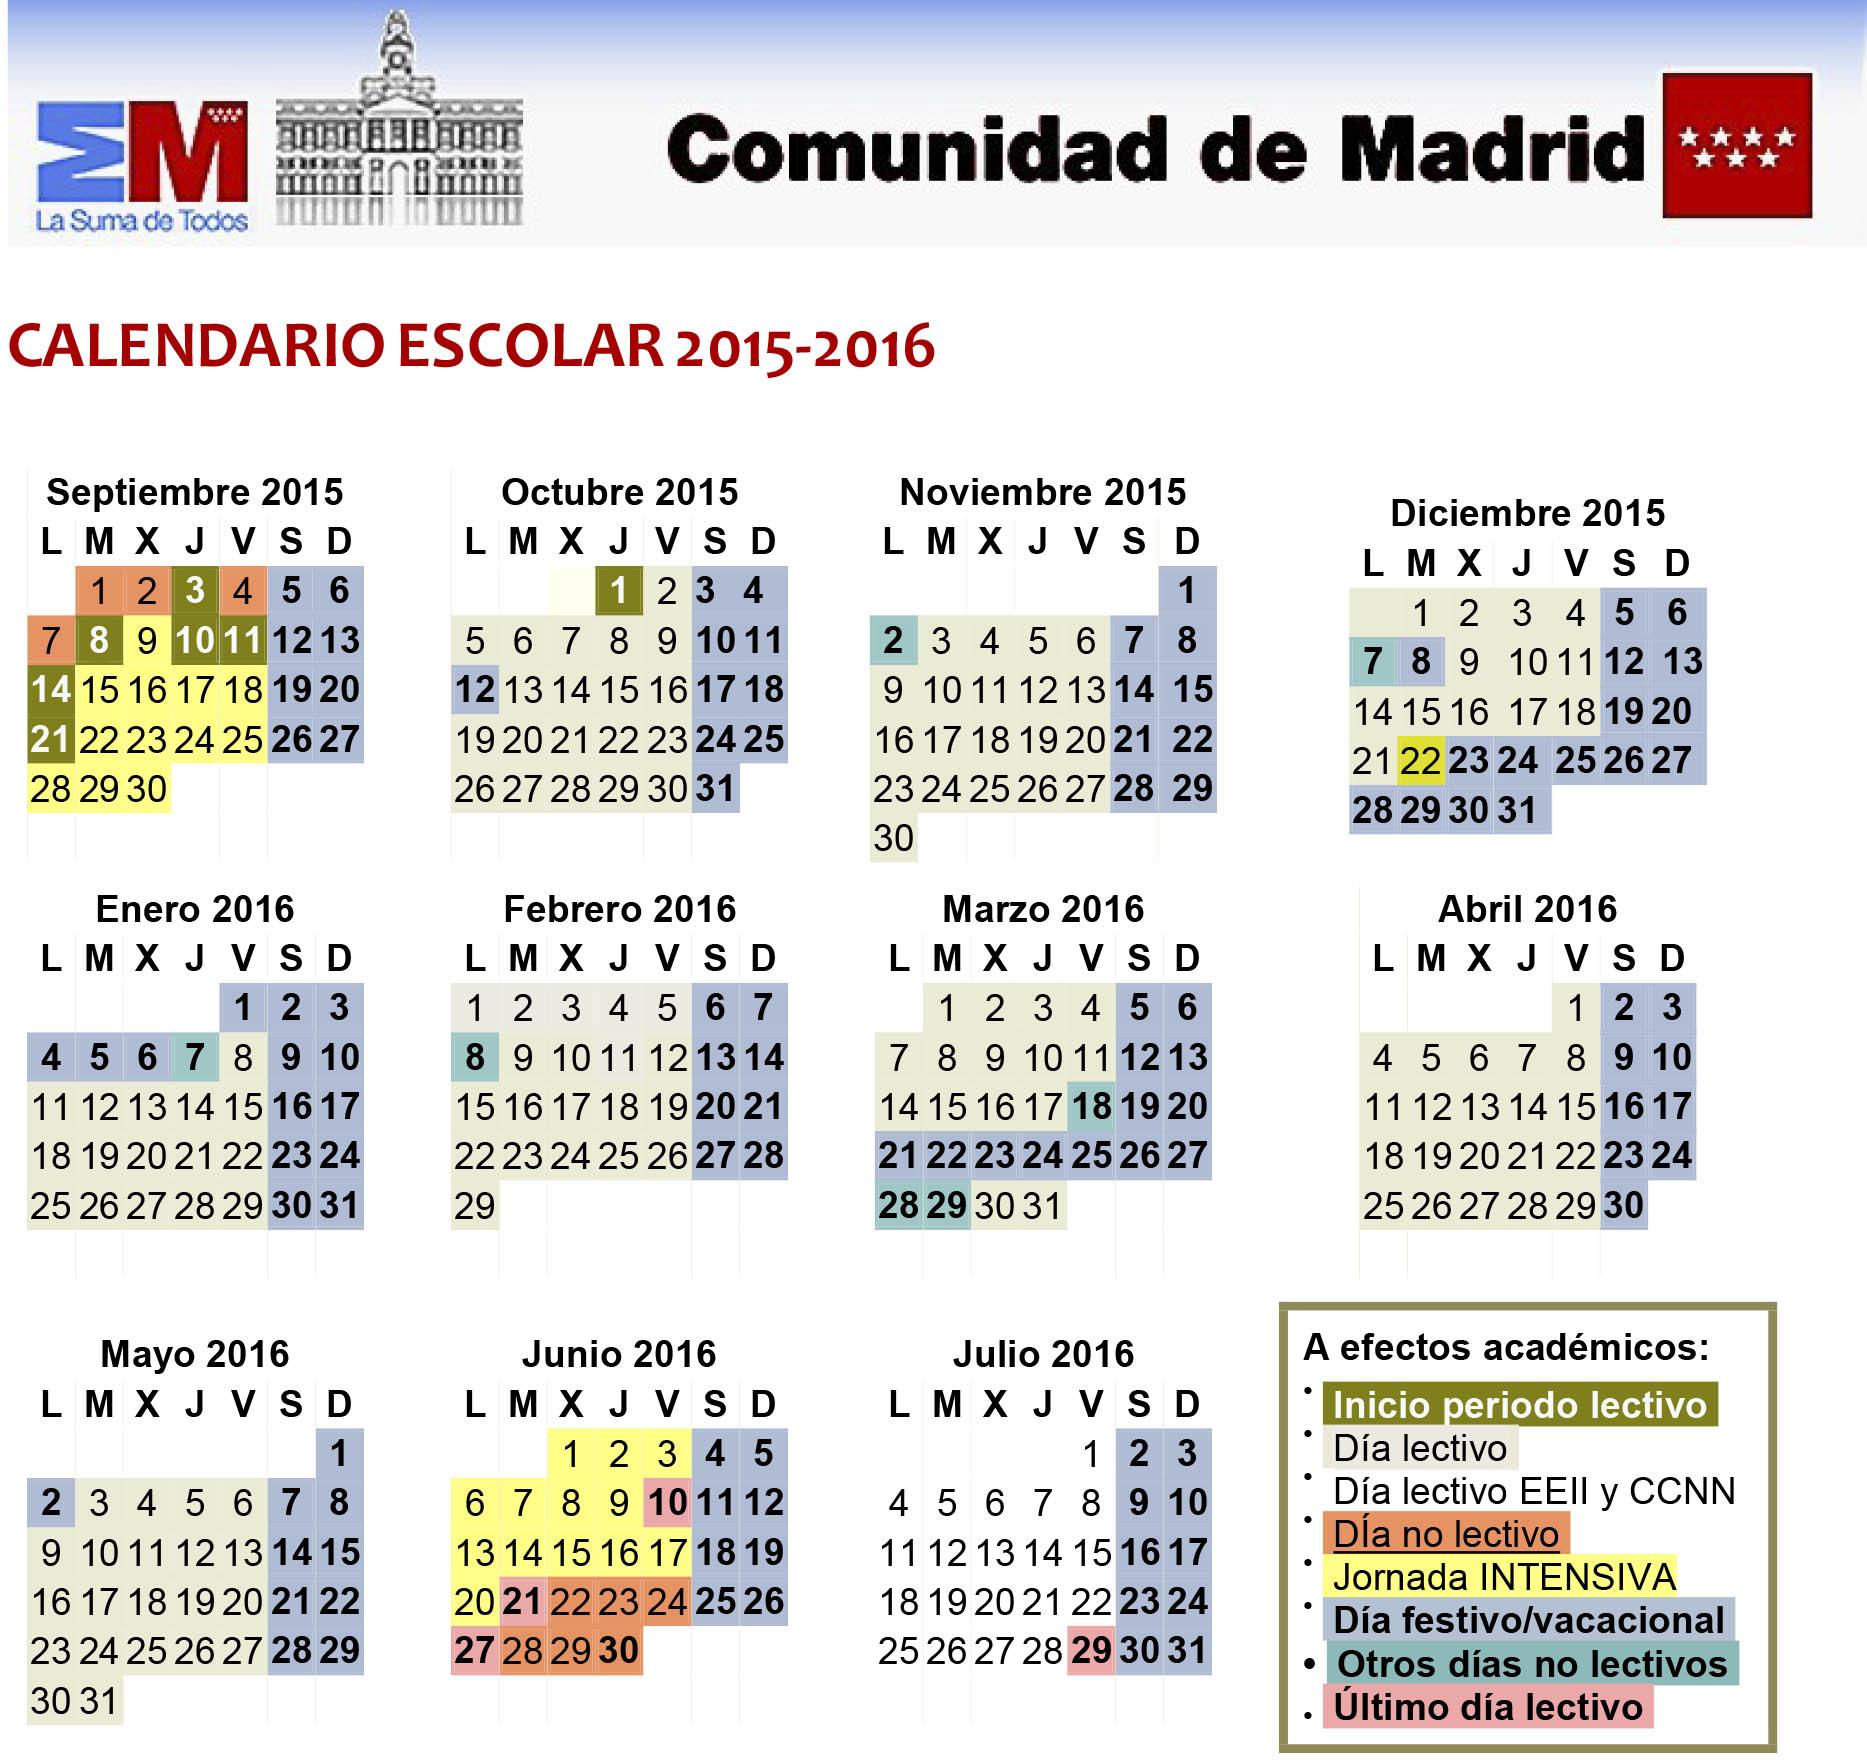 Comienza el curso escolar en la comunidad de madrid a21 for Curso de escaparatismo madrid